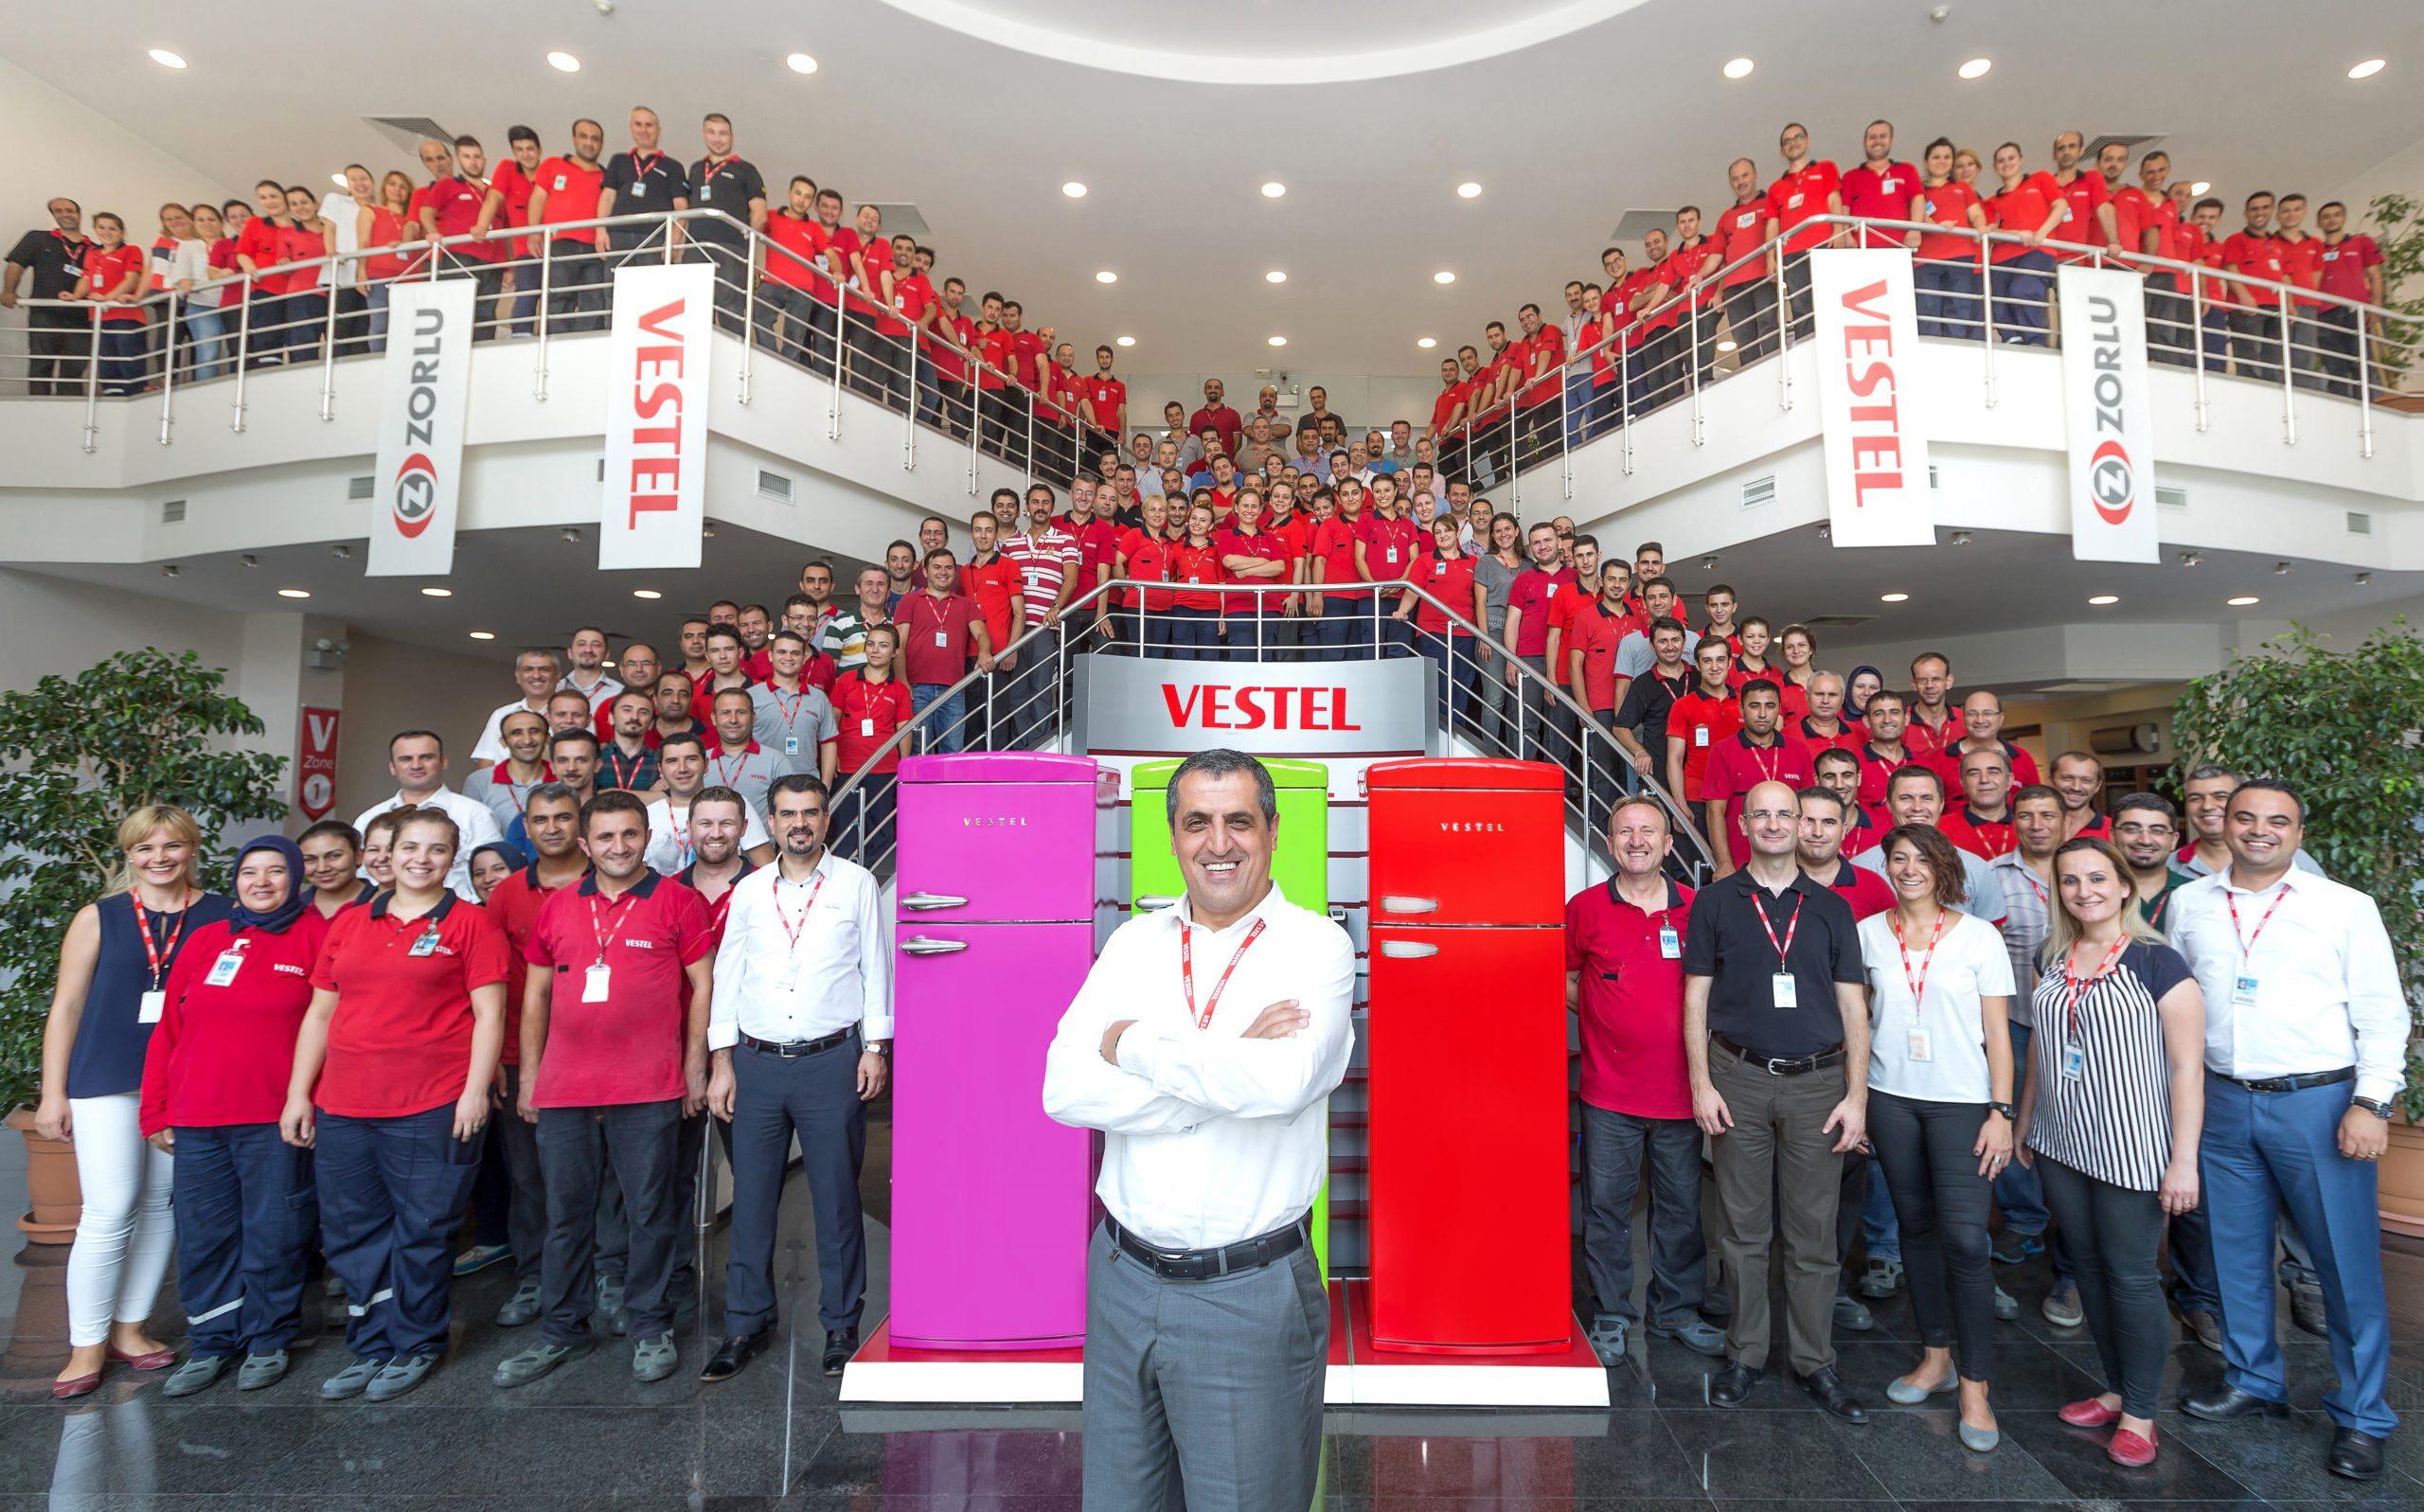 vestel-endustriyel-mukemmellik-odulleri-nde-industrial-excellence-award-avrupa-sampiyonu-olan-ilk-turk-firmasi-oldu